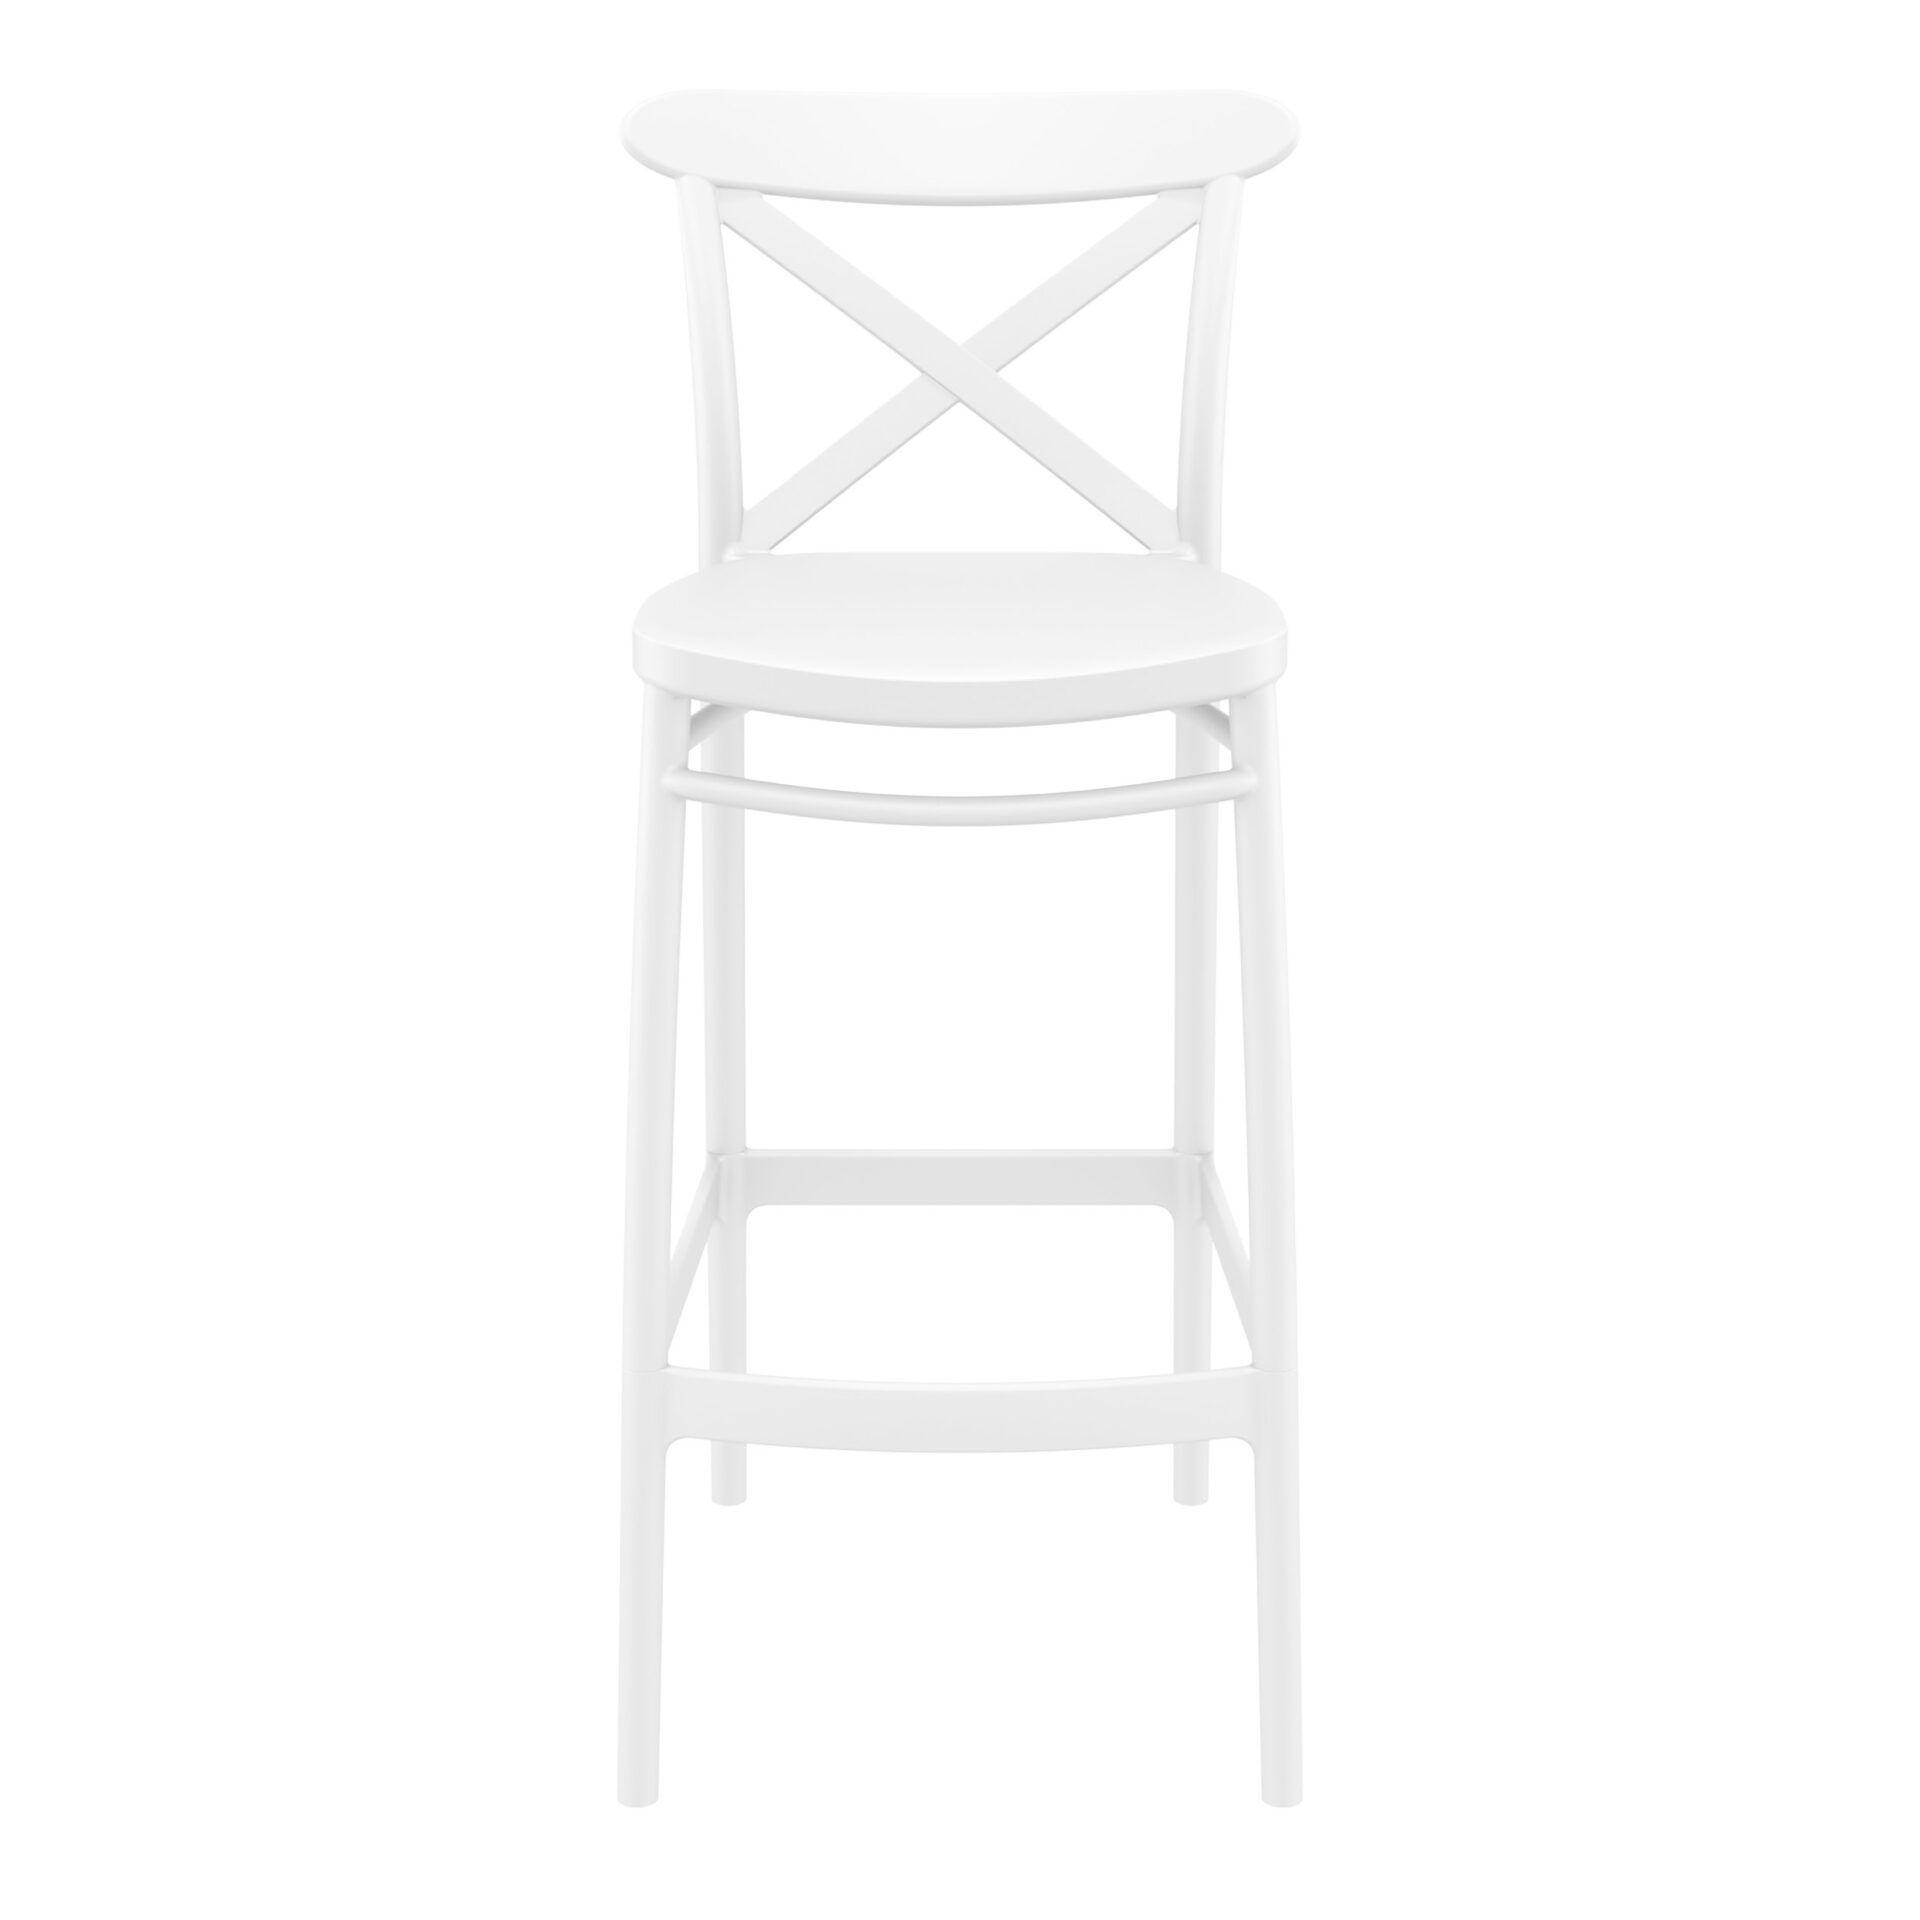 polypropylene bar cross barstool 75 white front